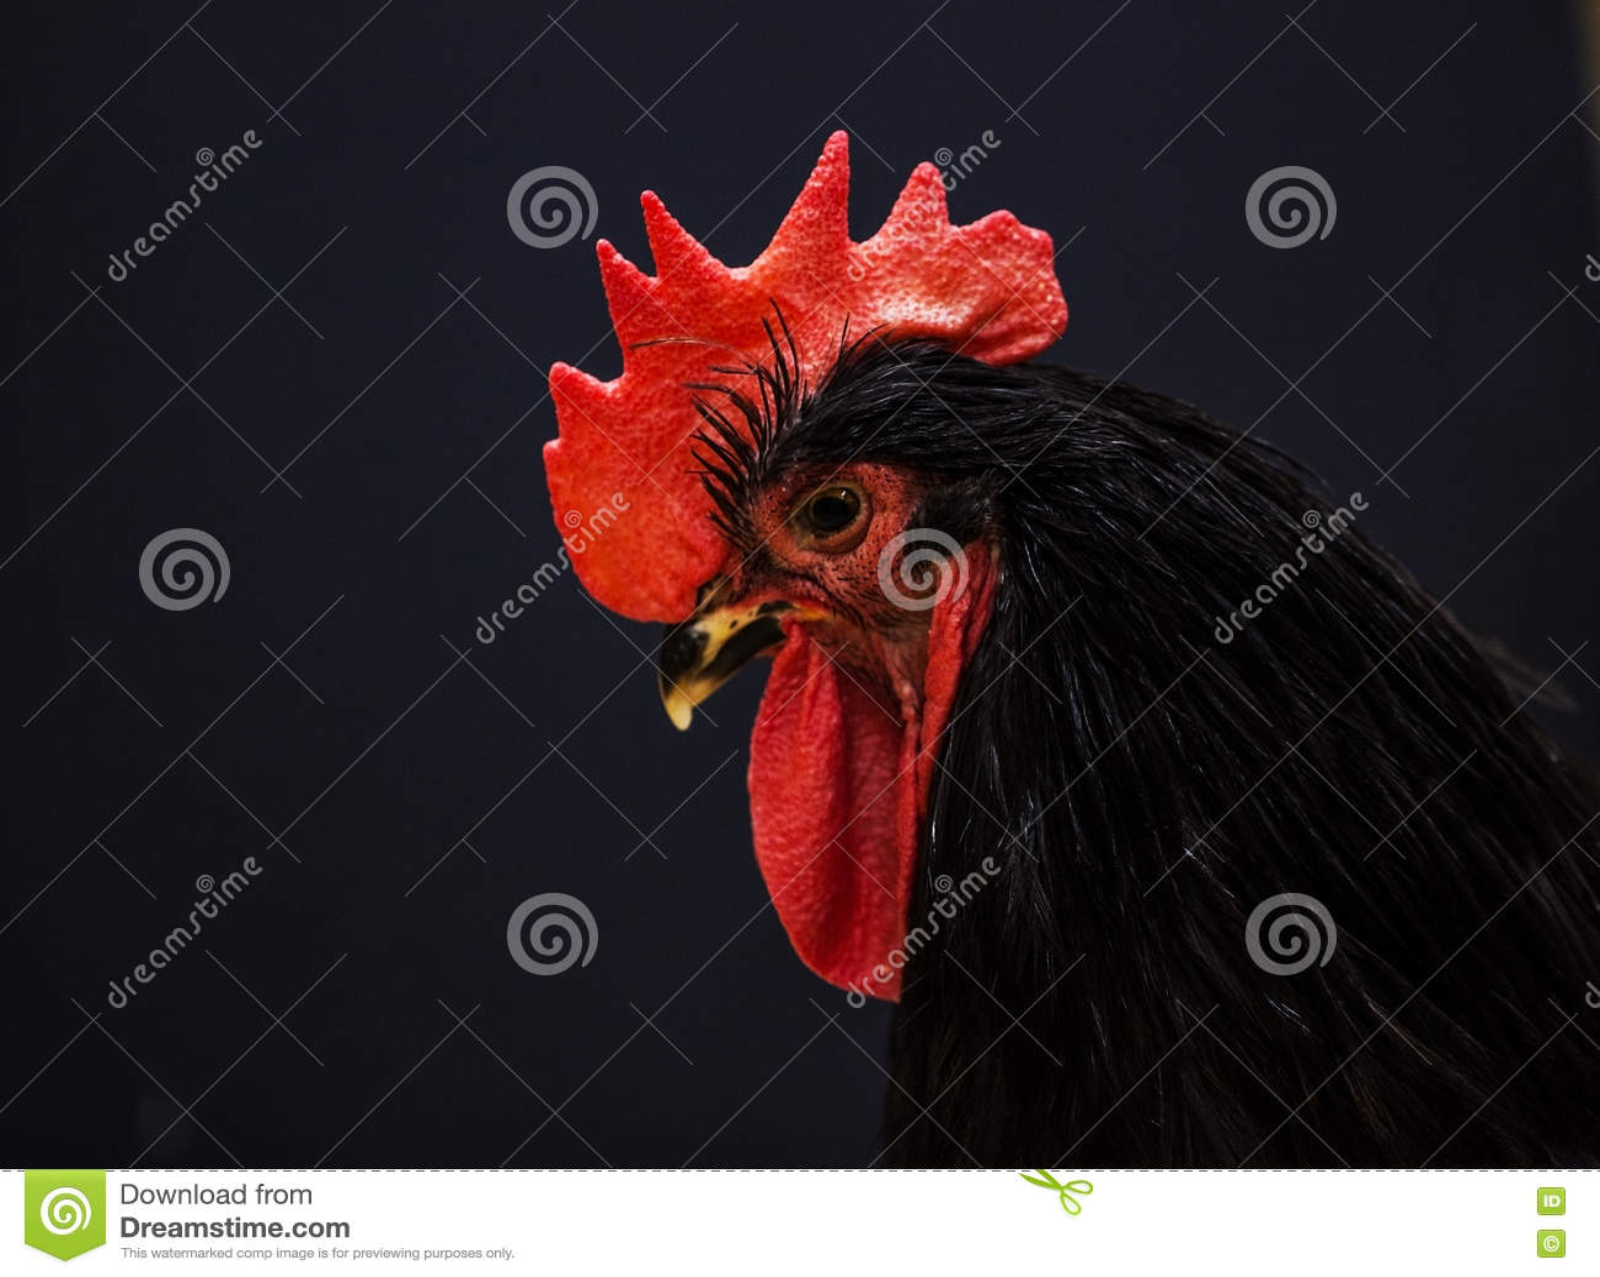 immagini grande gallo nero